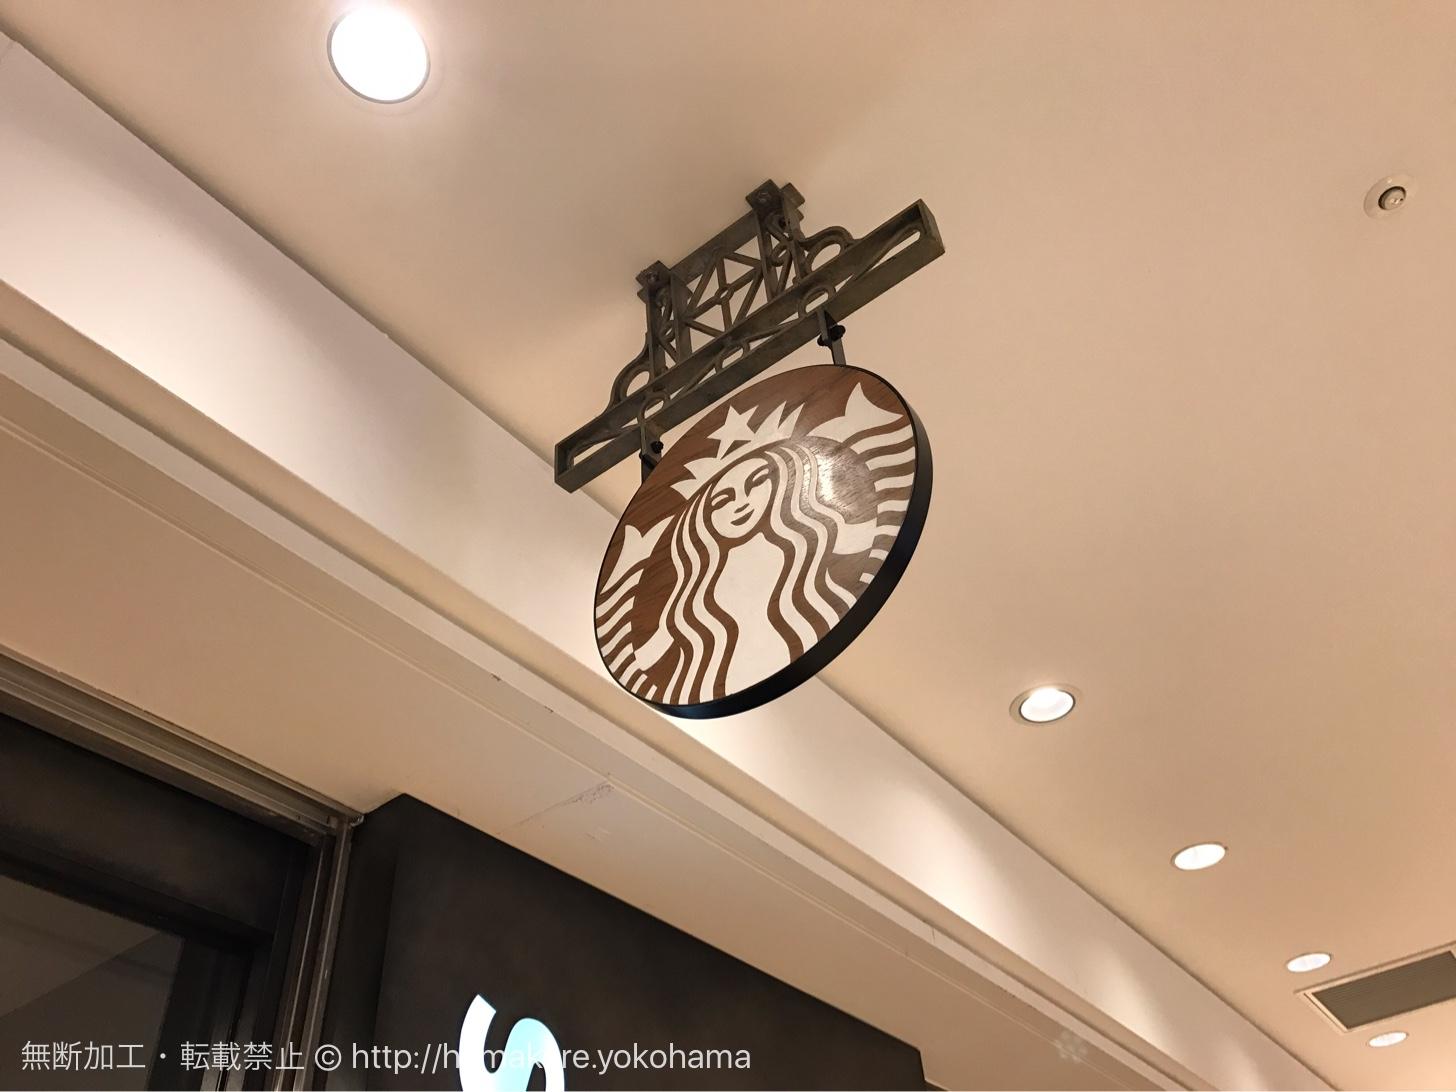 スターバックス 横浜ポルタ店 ロゴ